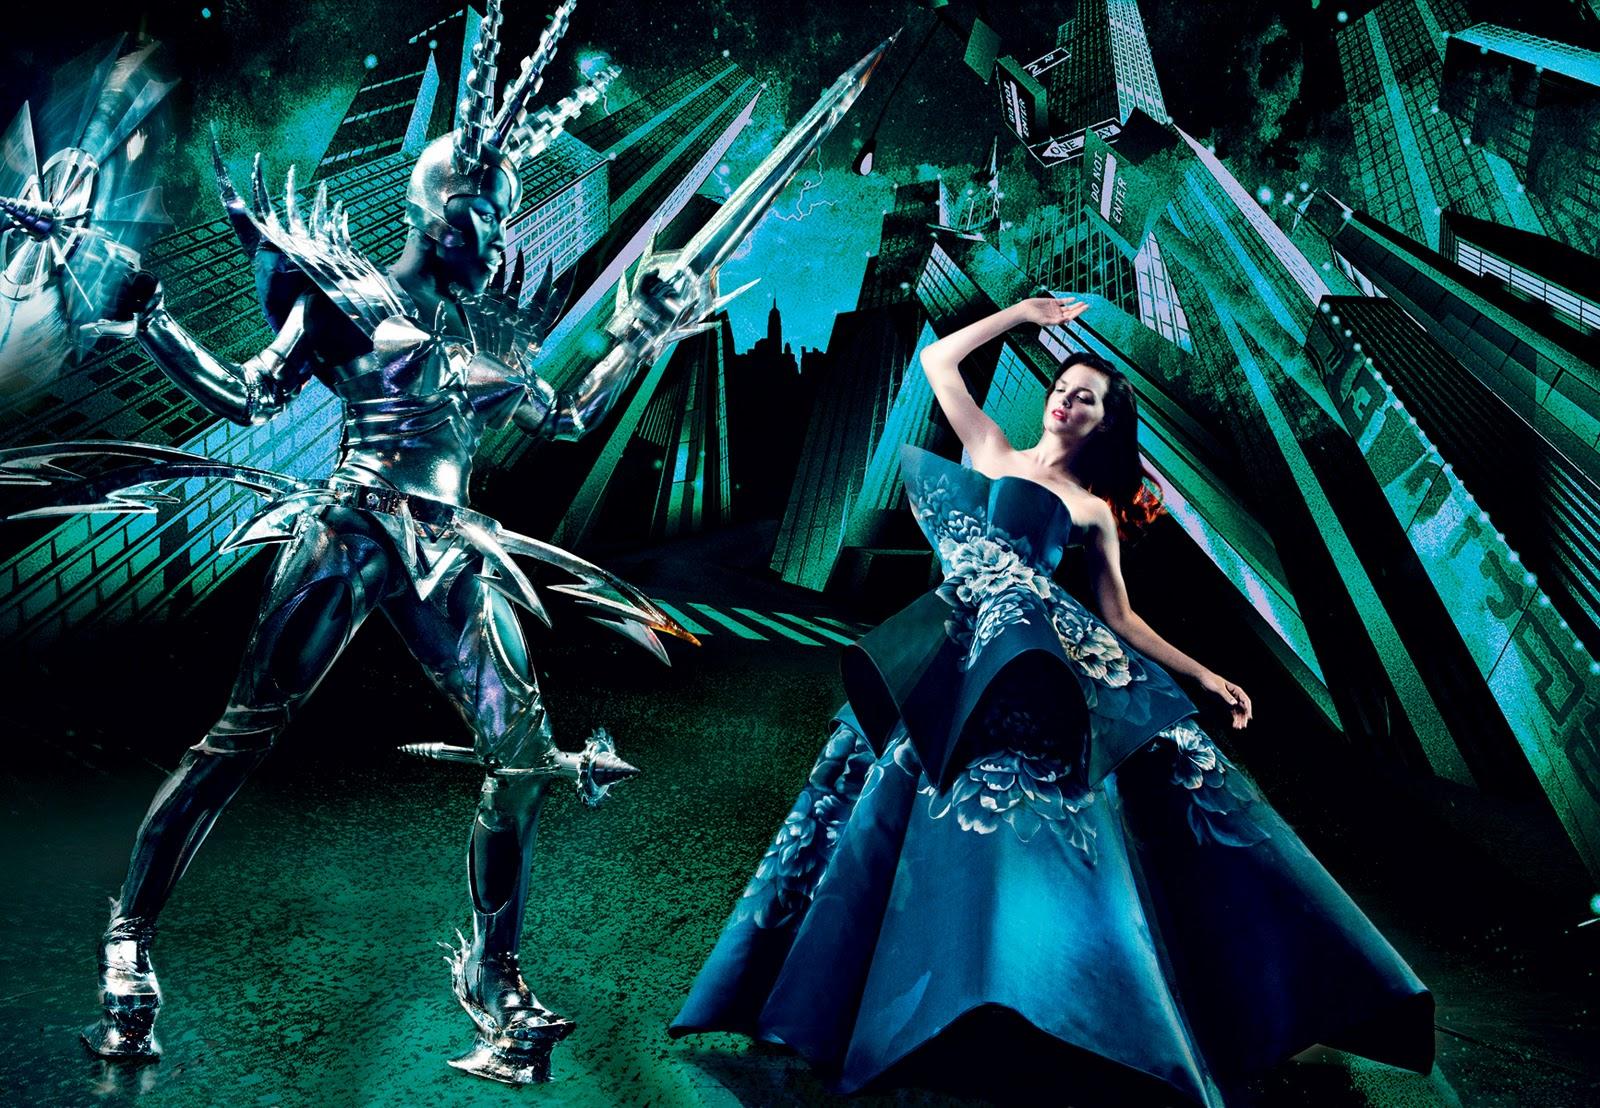 http://1.bp.blogspot.com/_ZL3b7_qCRnw/TOPzN3Nk_iI/AAAAAAAAAu8/R9O0CYqfcVs/s1600/img-spiderman-turn-off-the-dark-2_140629584992.jpg